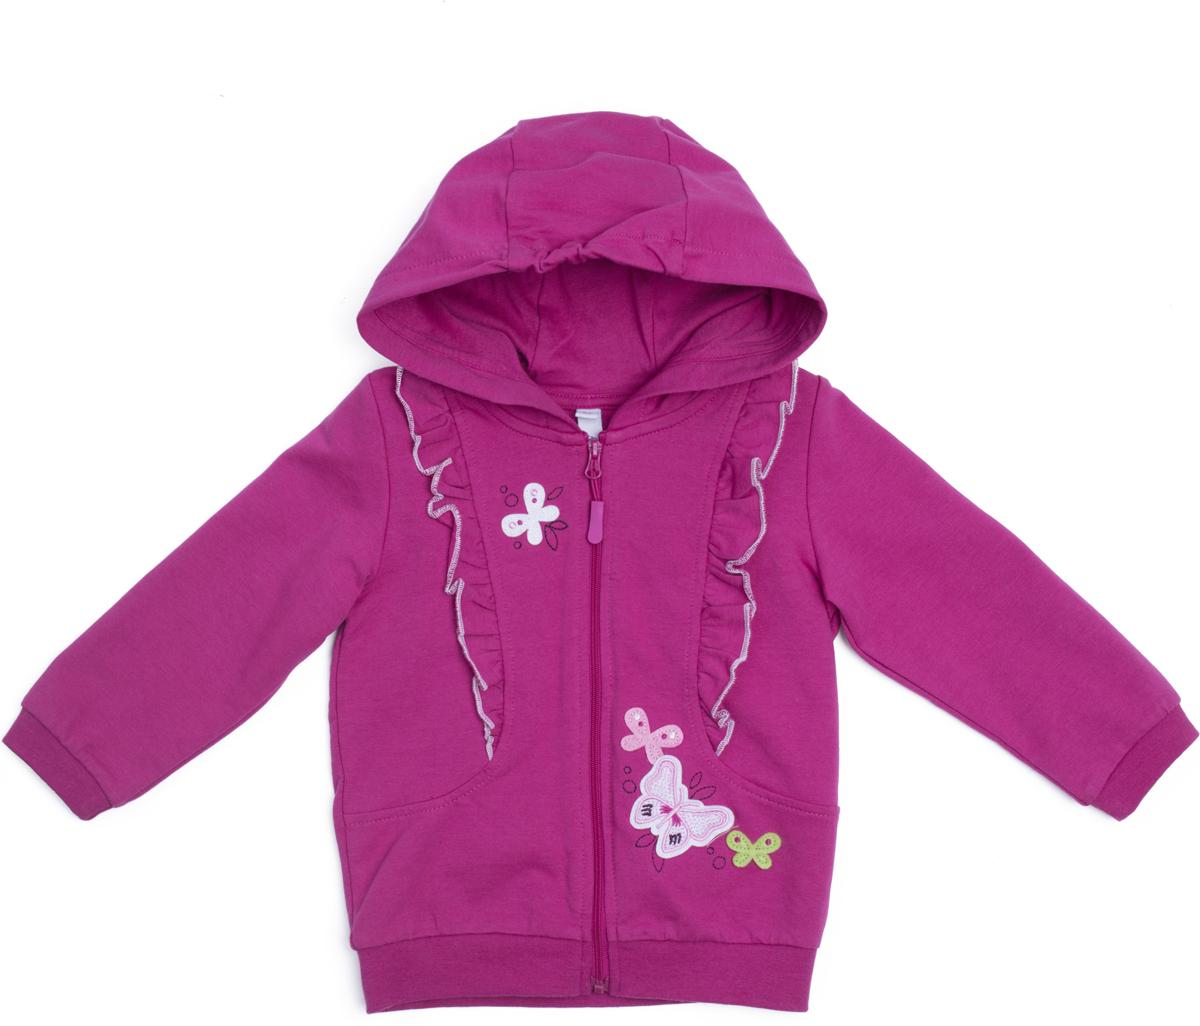 Толстовка для девочки PlayToday Солнечная палитра, цвет: розовый. 188051. Размер 80 купальник слитный для девочки playtoday baby солнечная палитра цвет розовый 188077 размер 98